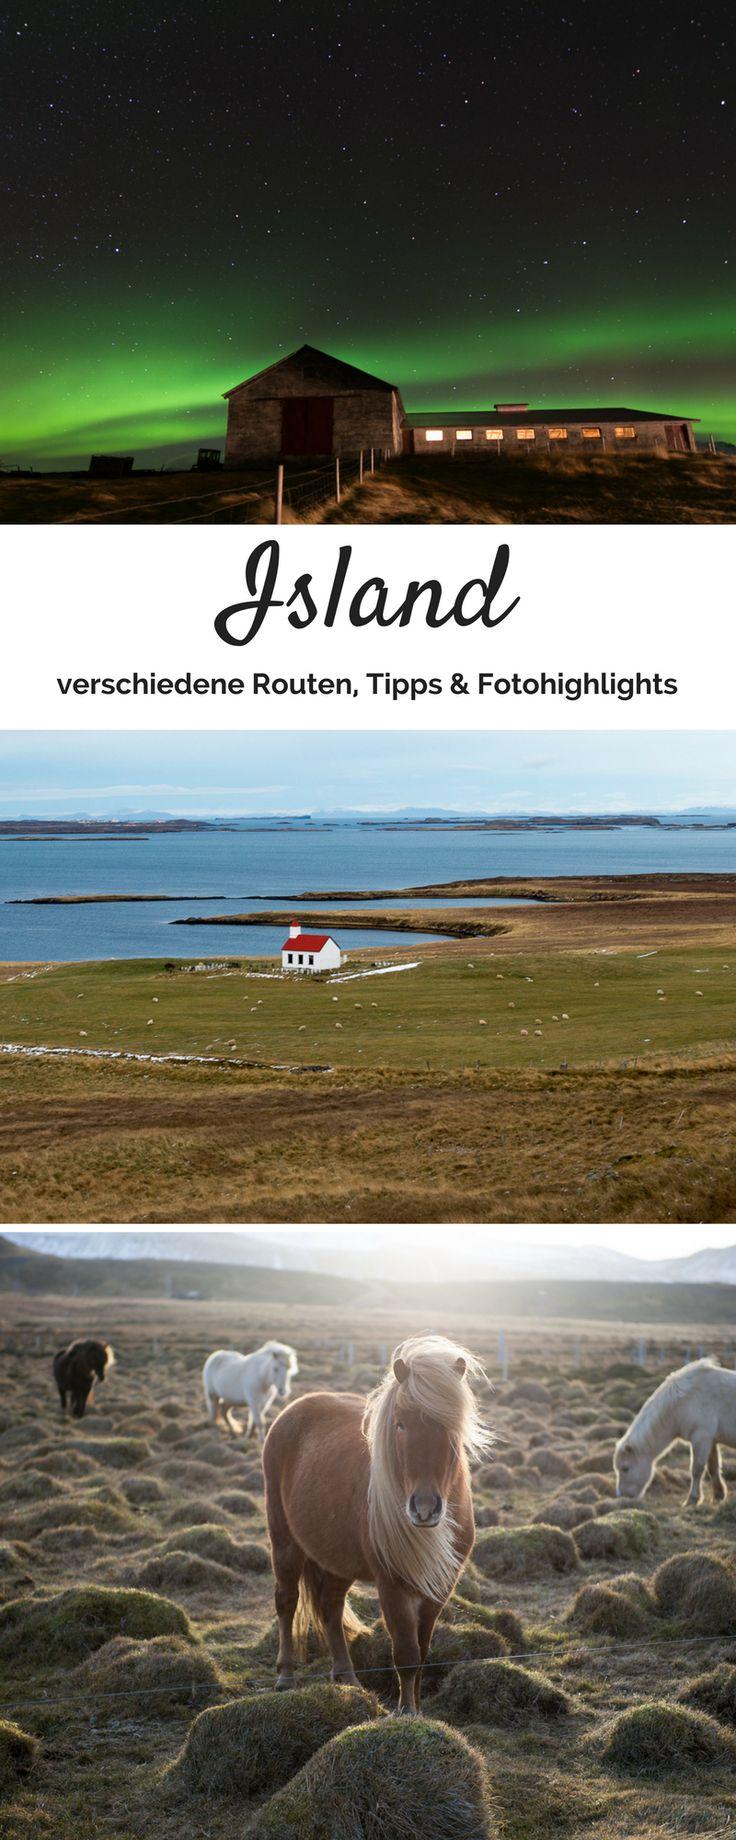 Alles Wissenswerte für deine Rundreise oder Roadtrip durch Island ...repinned für Gewinner!  - jetzt gratis Erfolgsratgeber sichern www.ratsucher.de